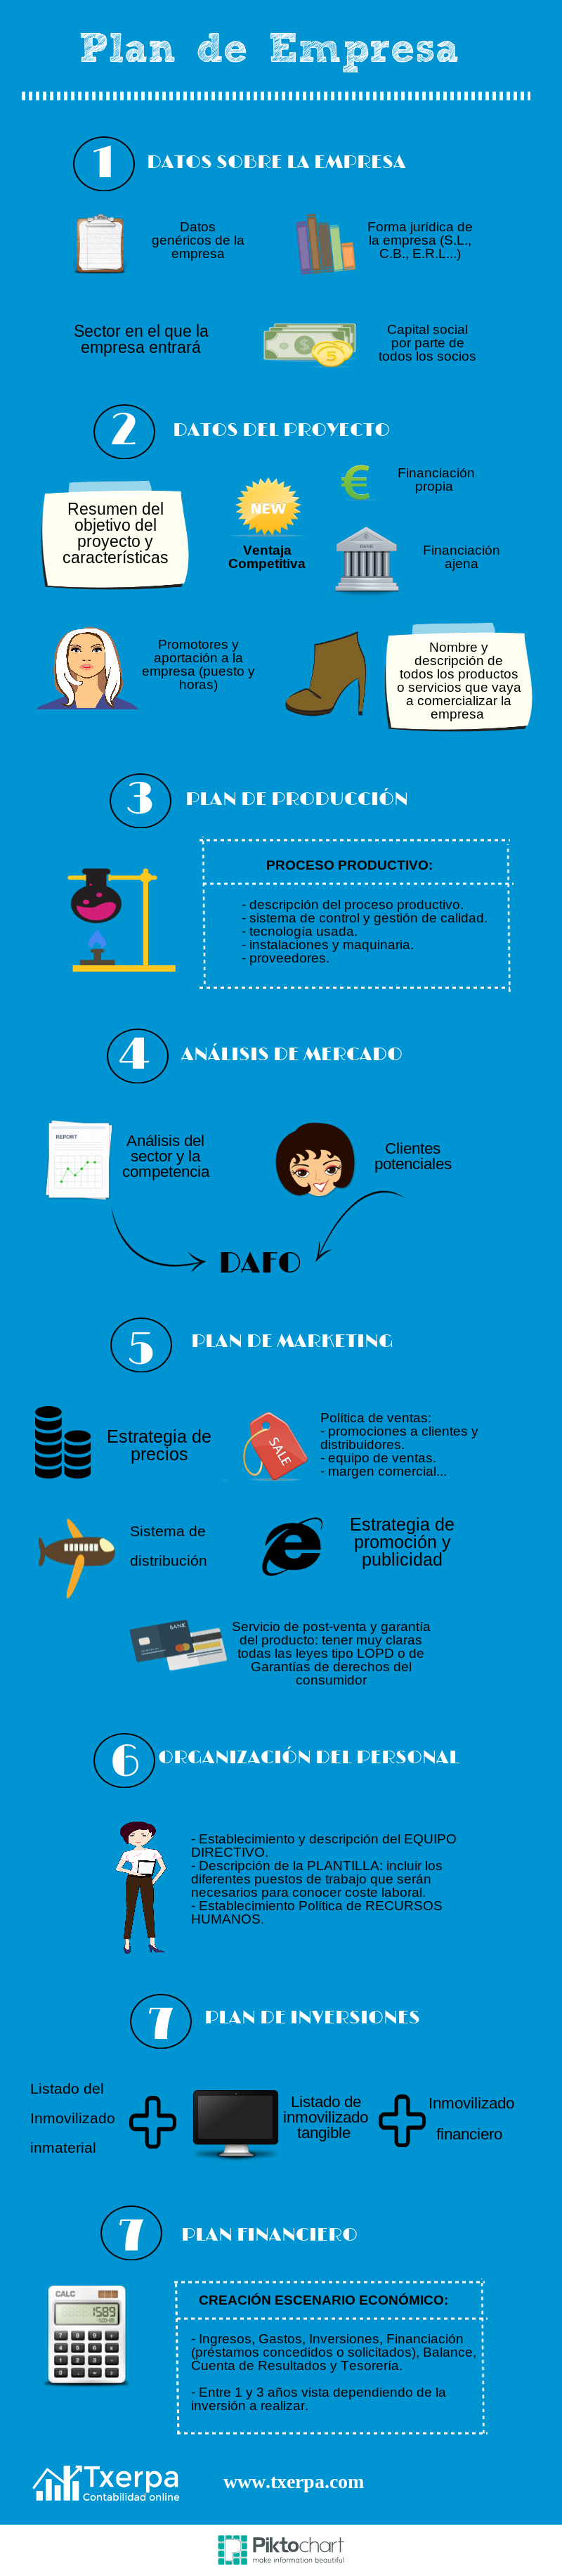 como_hacer_un_plan_de_empresa_txerpa_gestoria_online.png